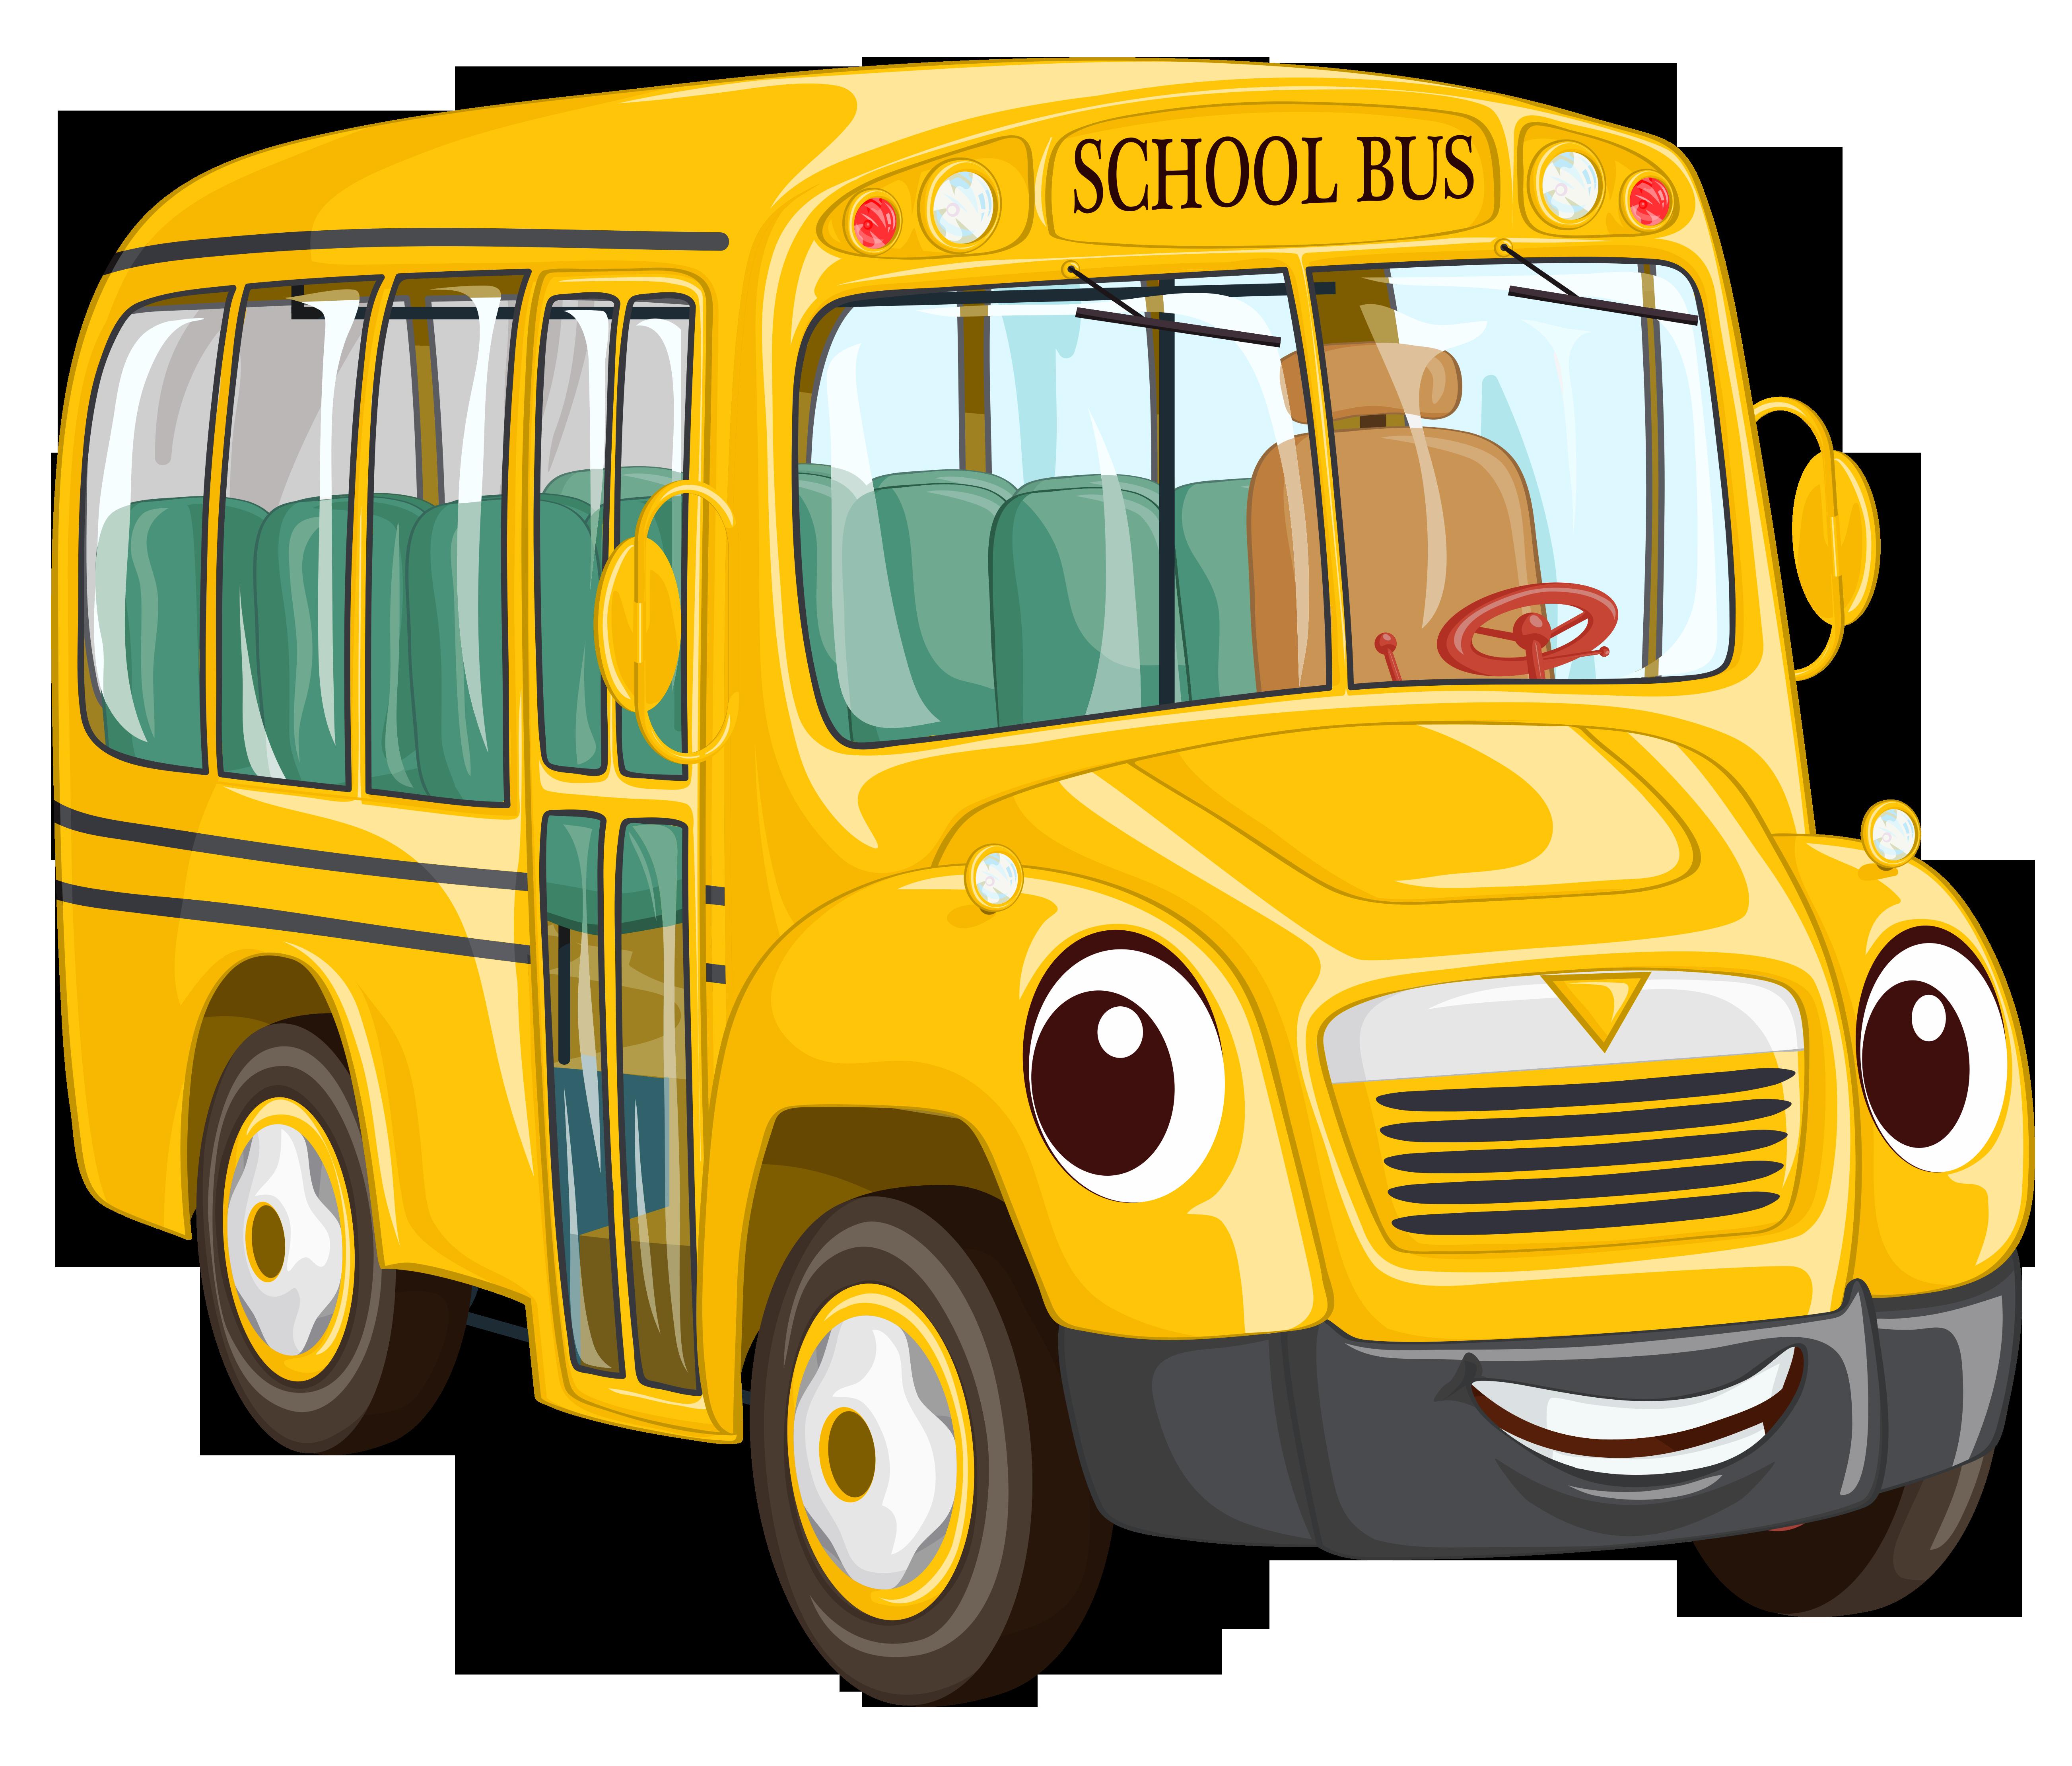 School Bus Clipart Images 3 .-School bus clipart images 3 .-14